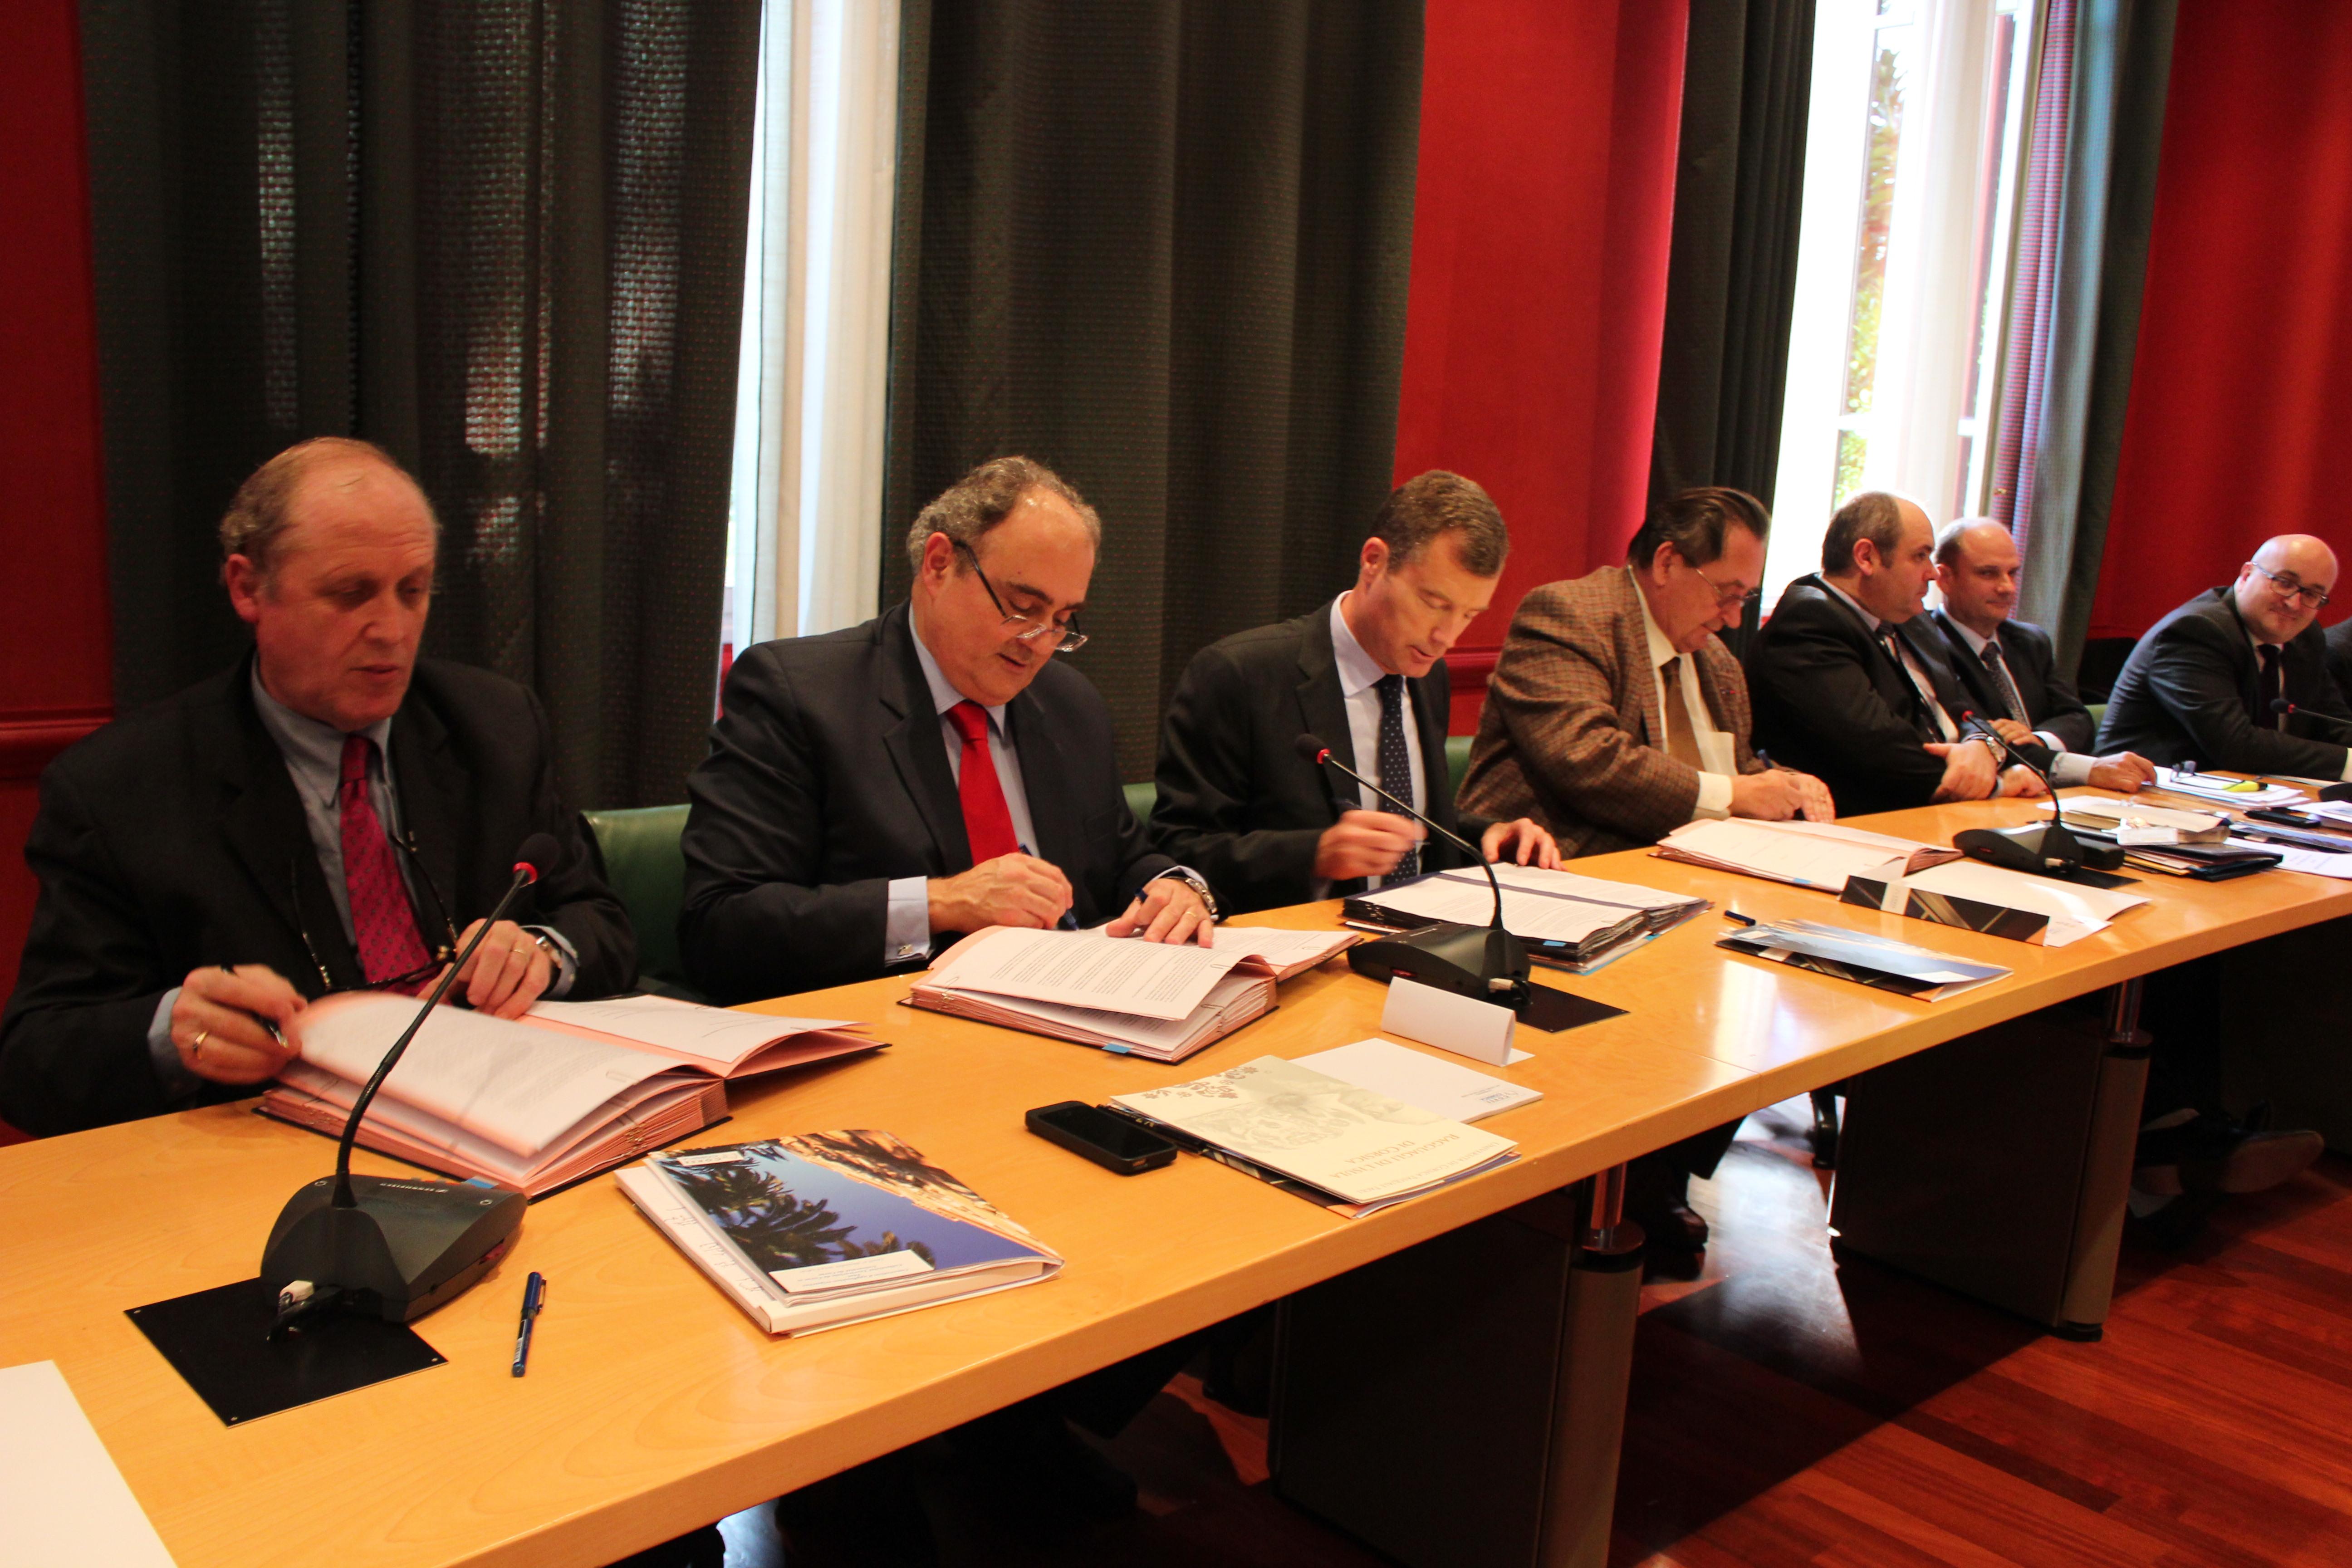 Université : Signature de la convention tripartite à l'Assemblée de Corse